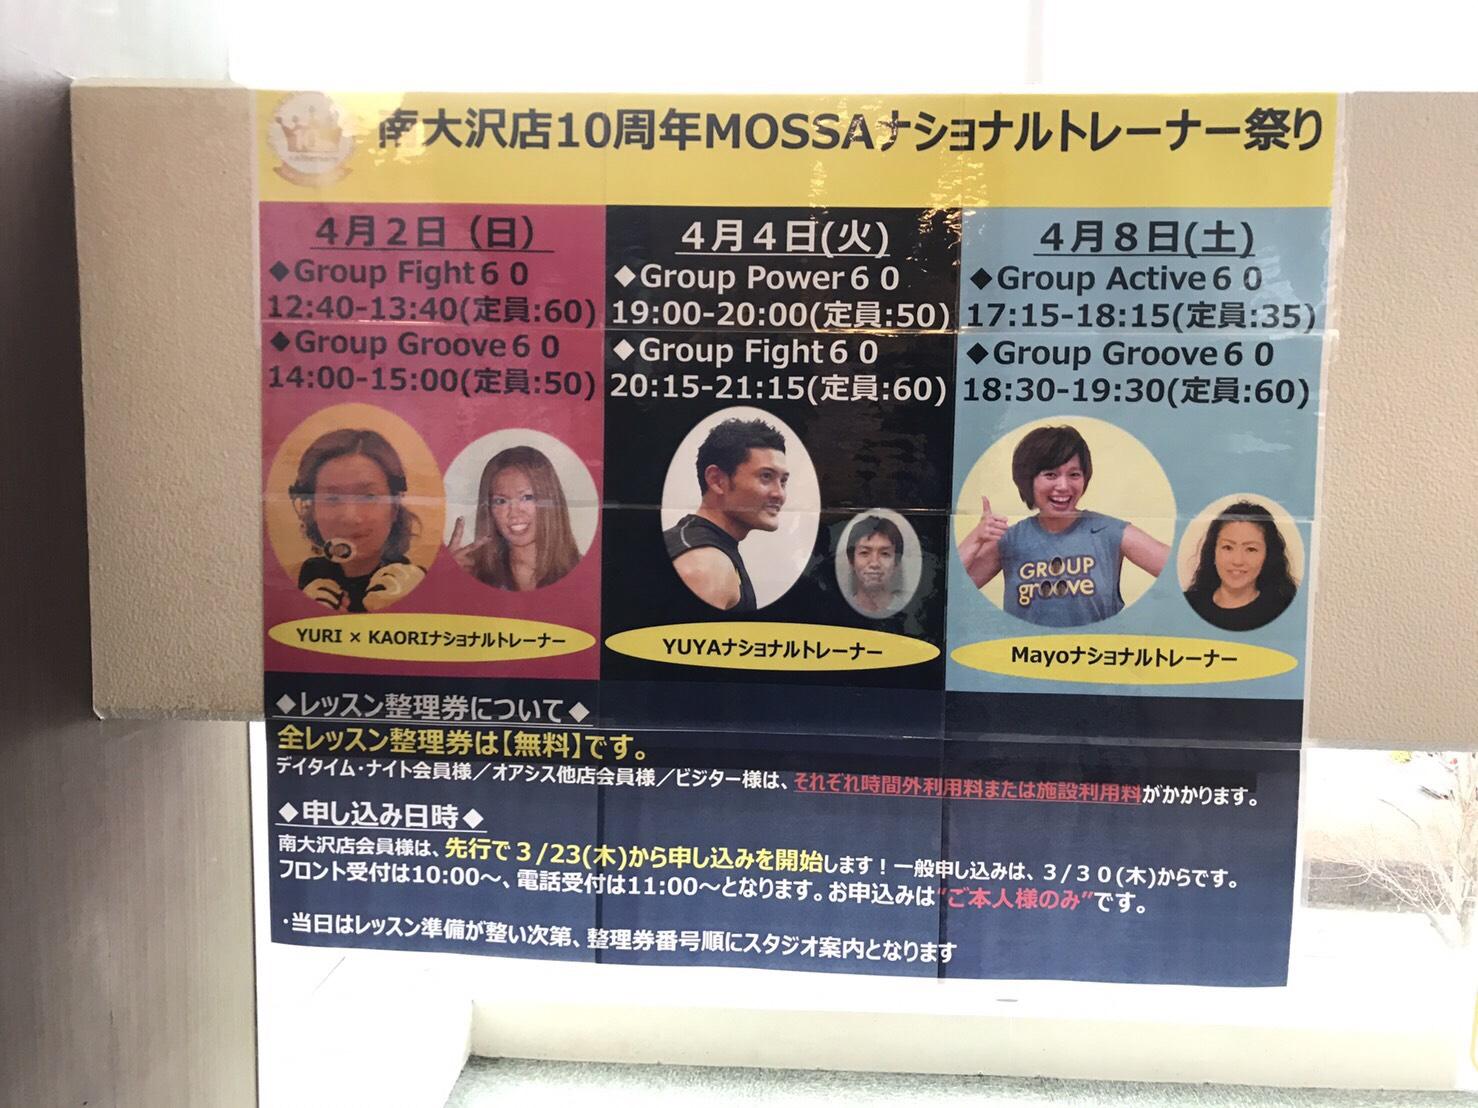 オアシス南大沢 10周年MOSSAナショナルトレーナー祭り